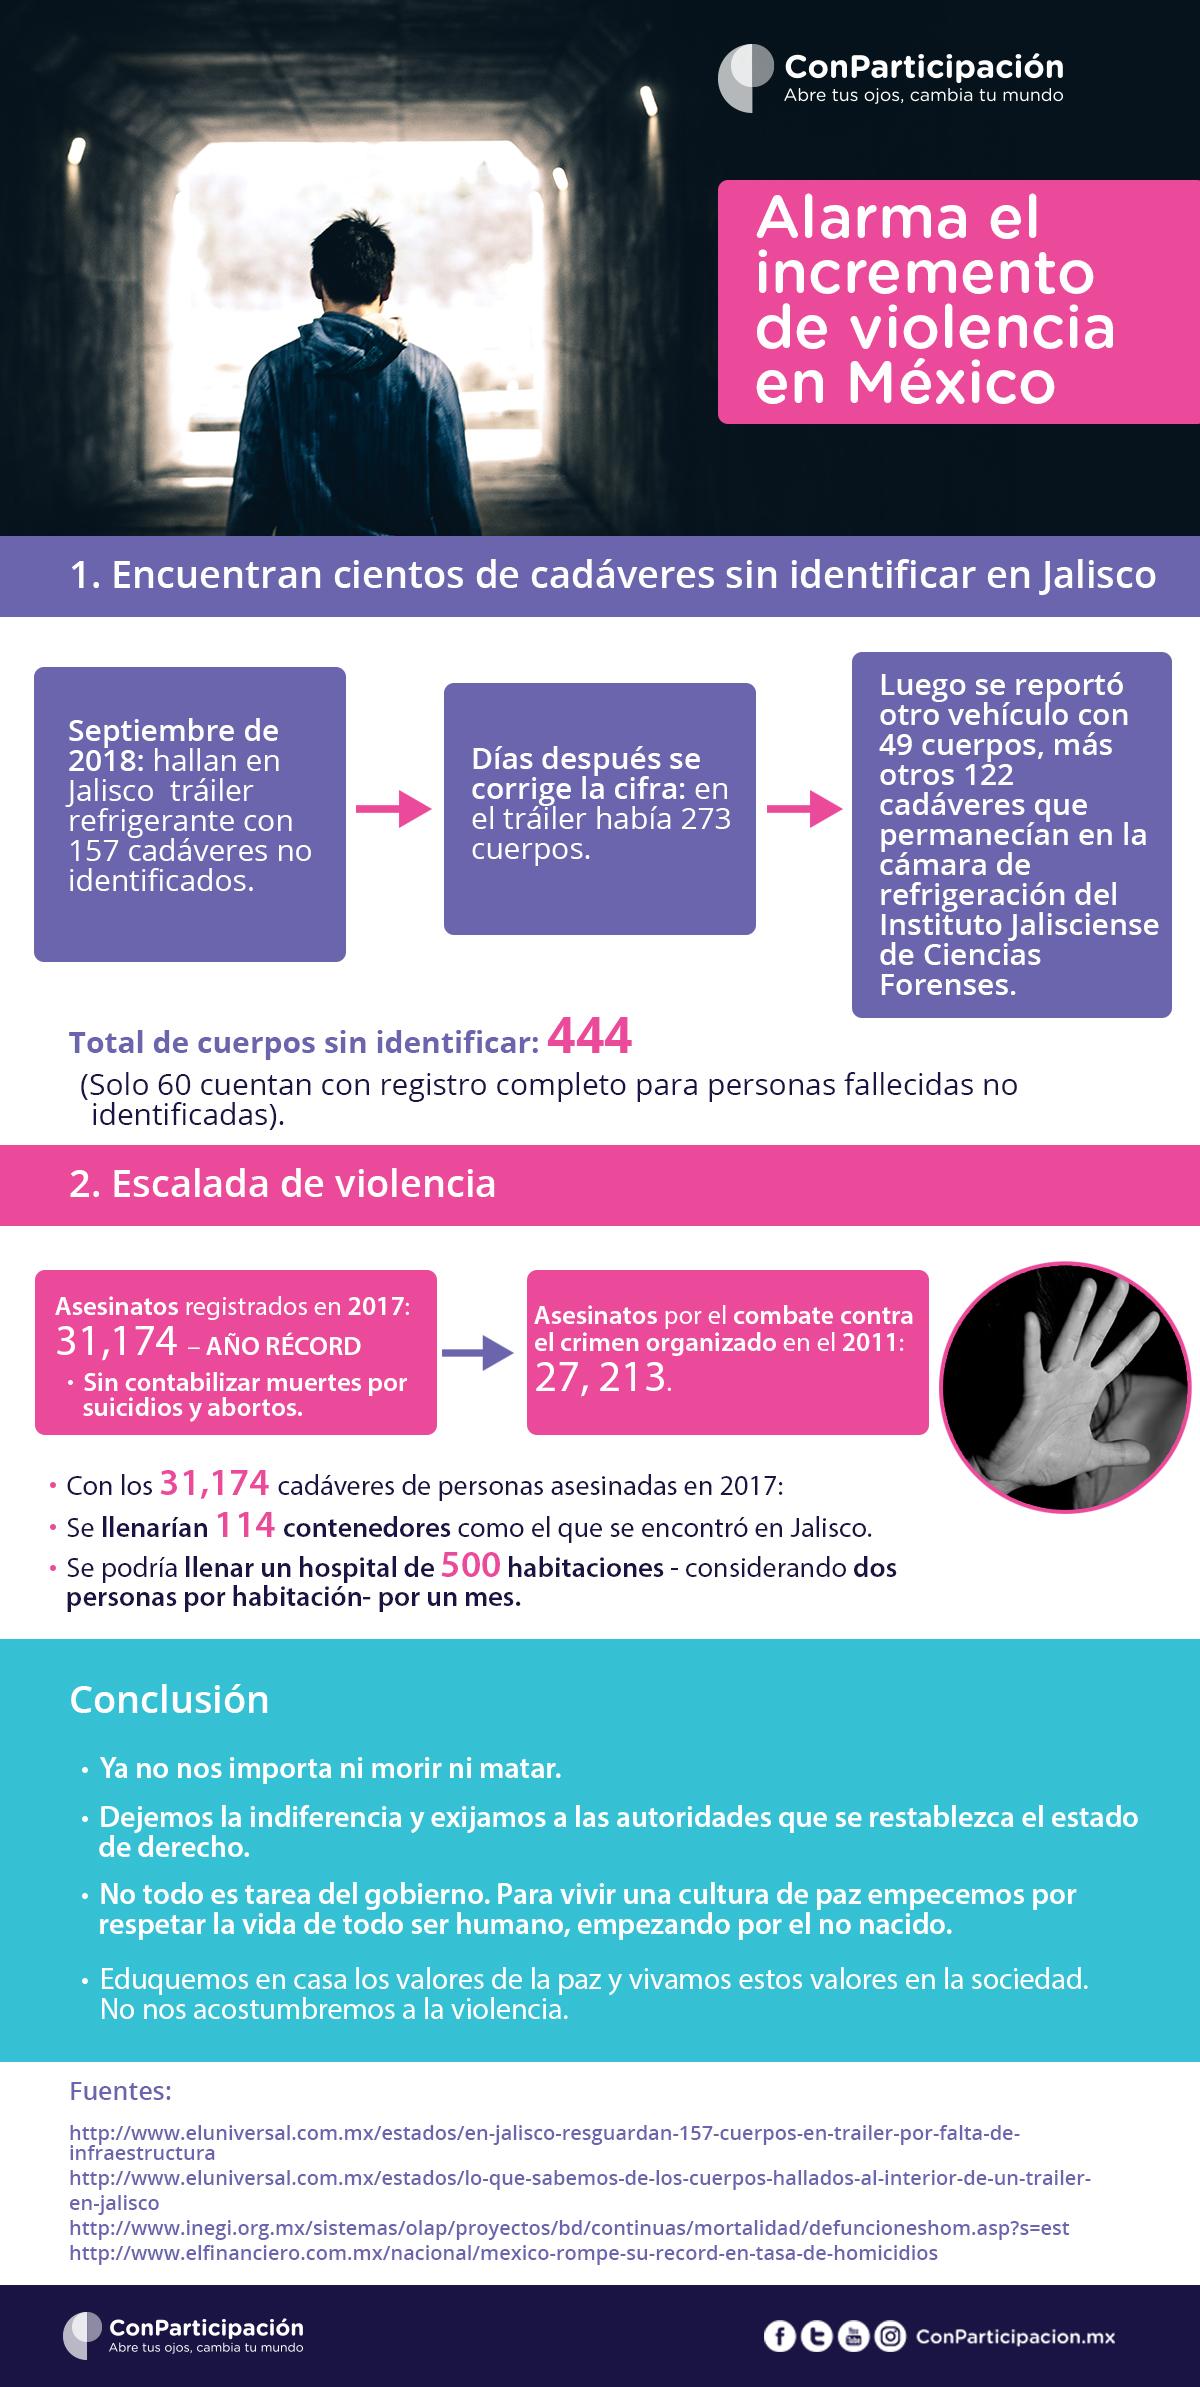 Alarma el incremento de violencia en México